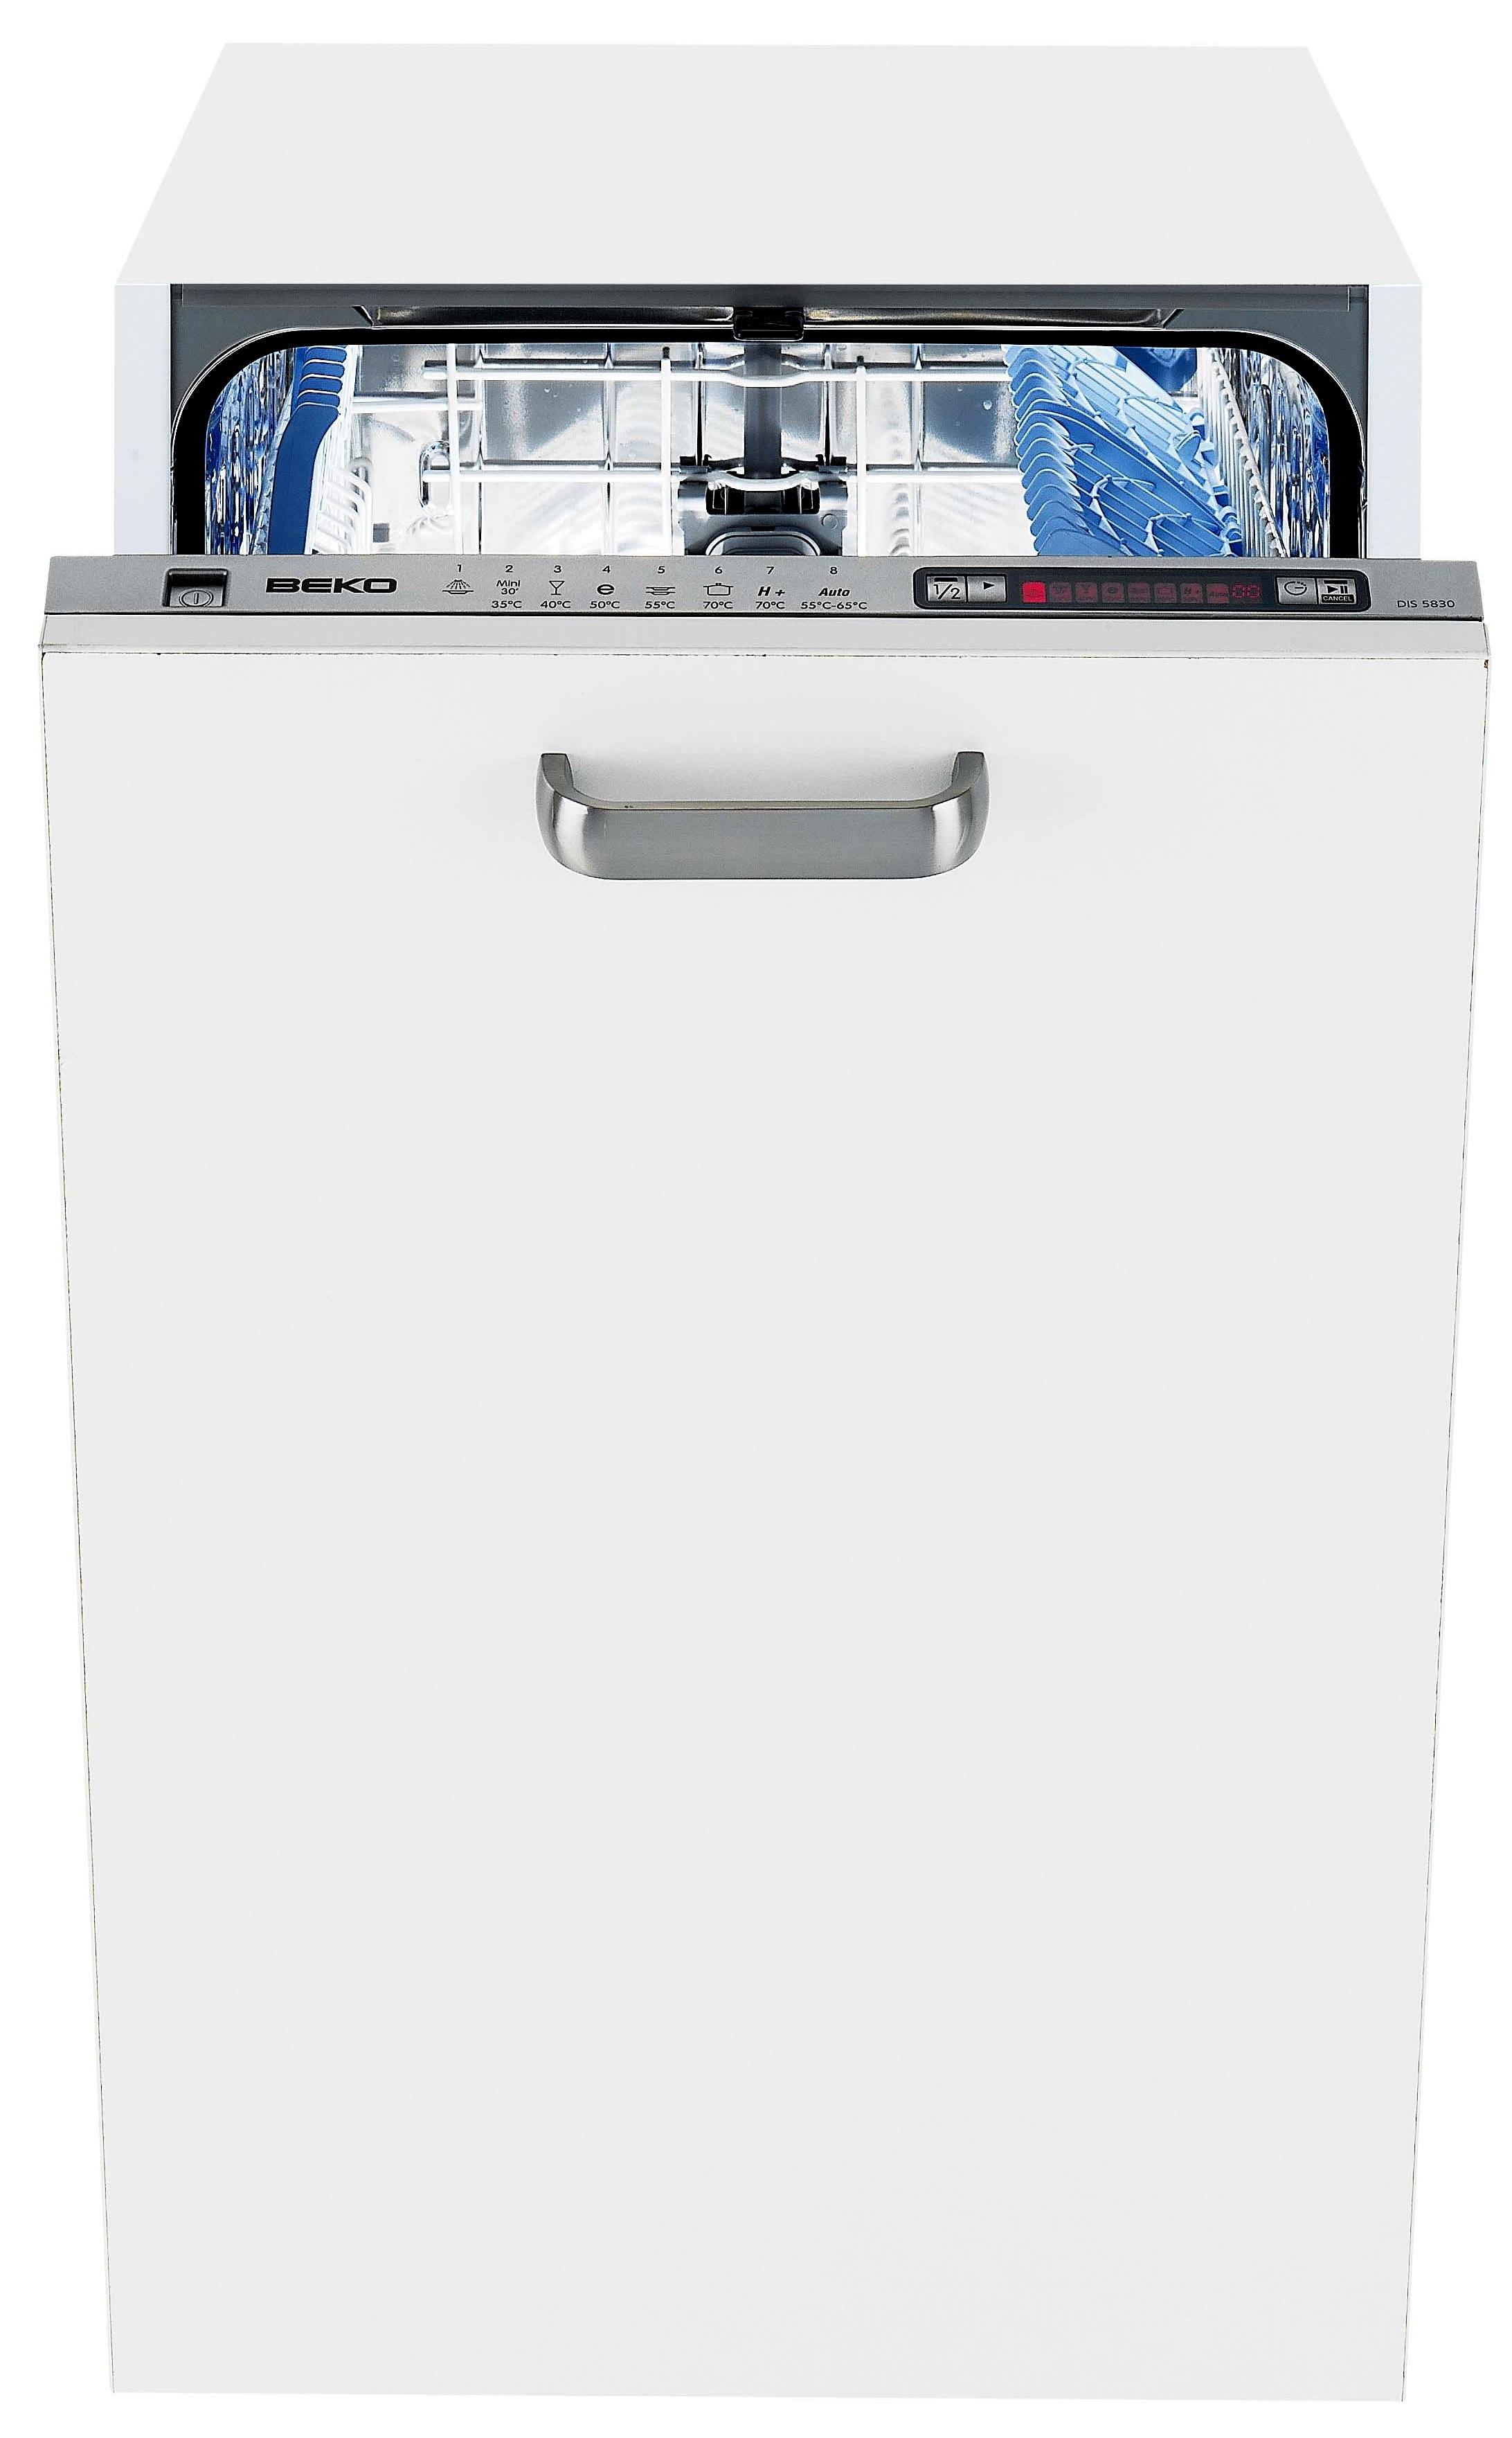 инструкция по использованию к холодильнику bosch kgv39vw30